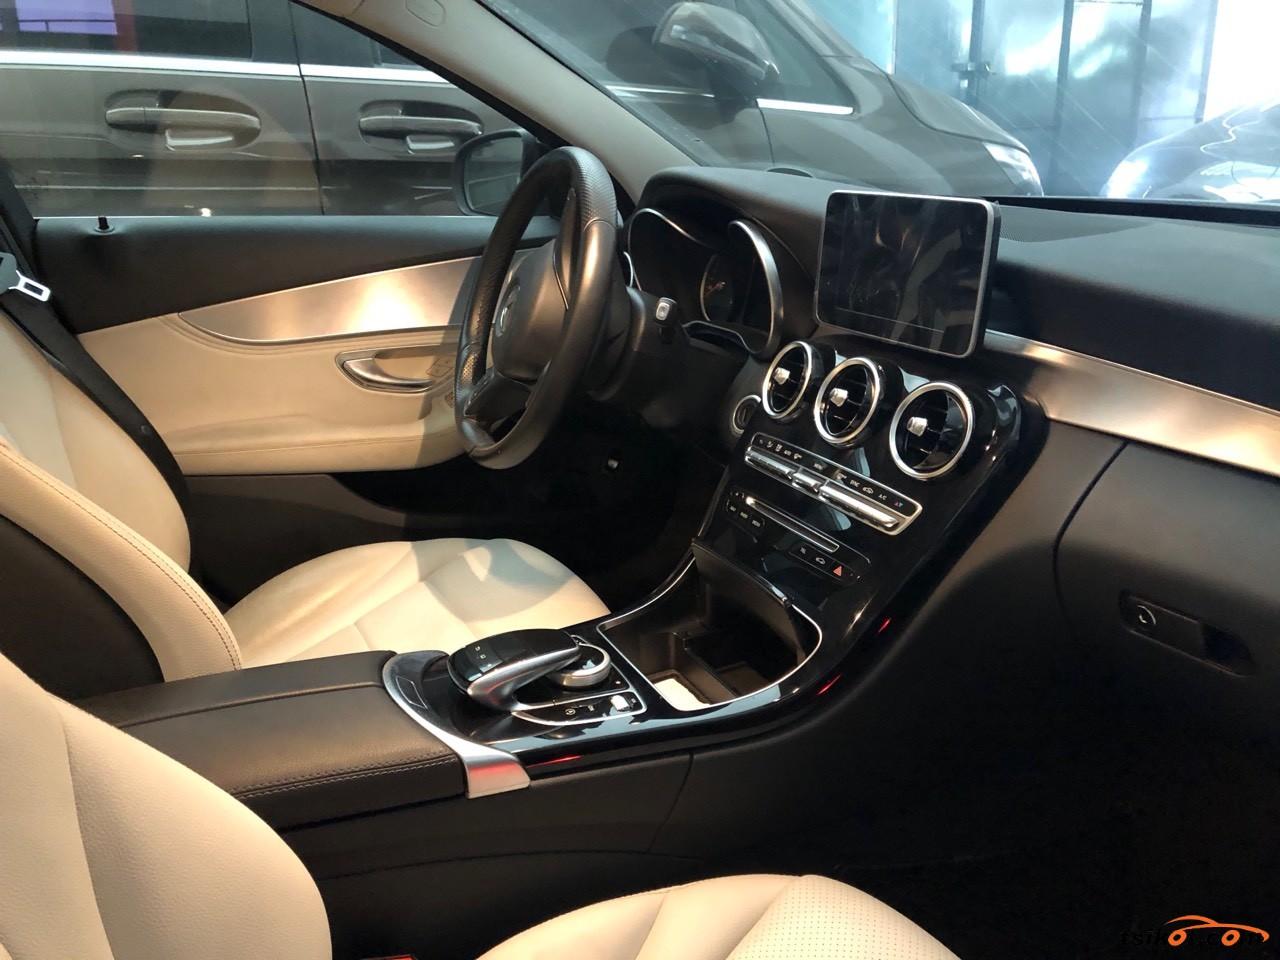 Mercedes-Benz C-Class 2015 - 5